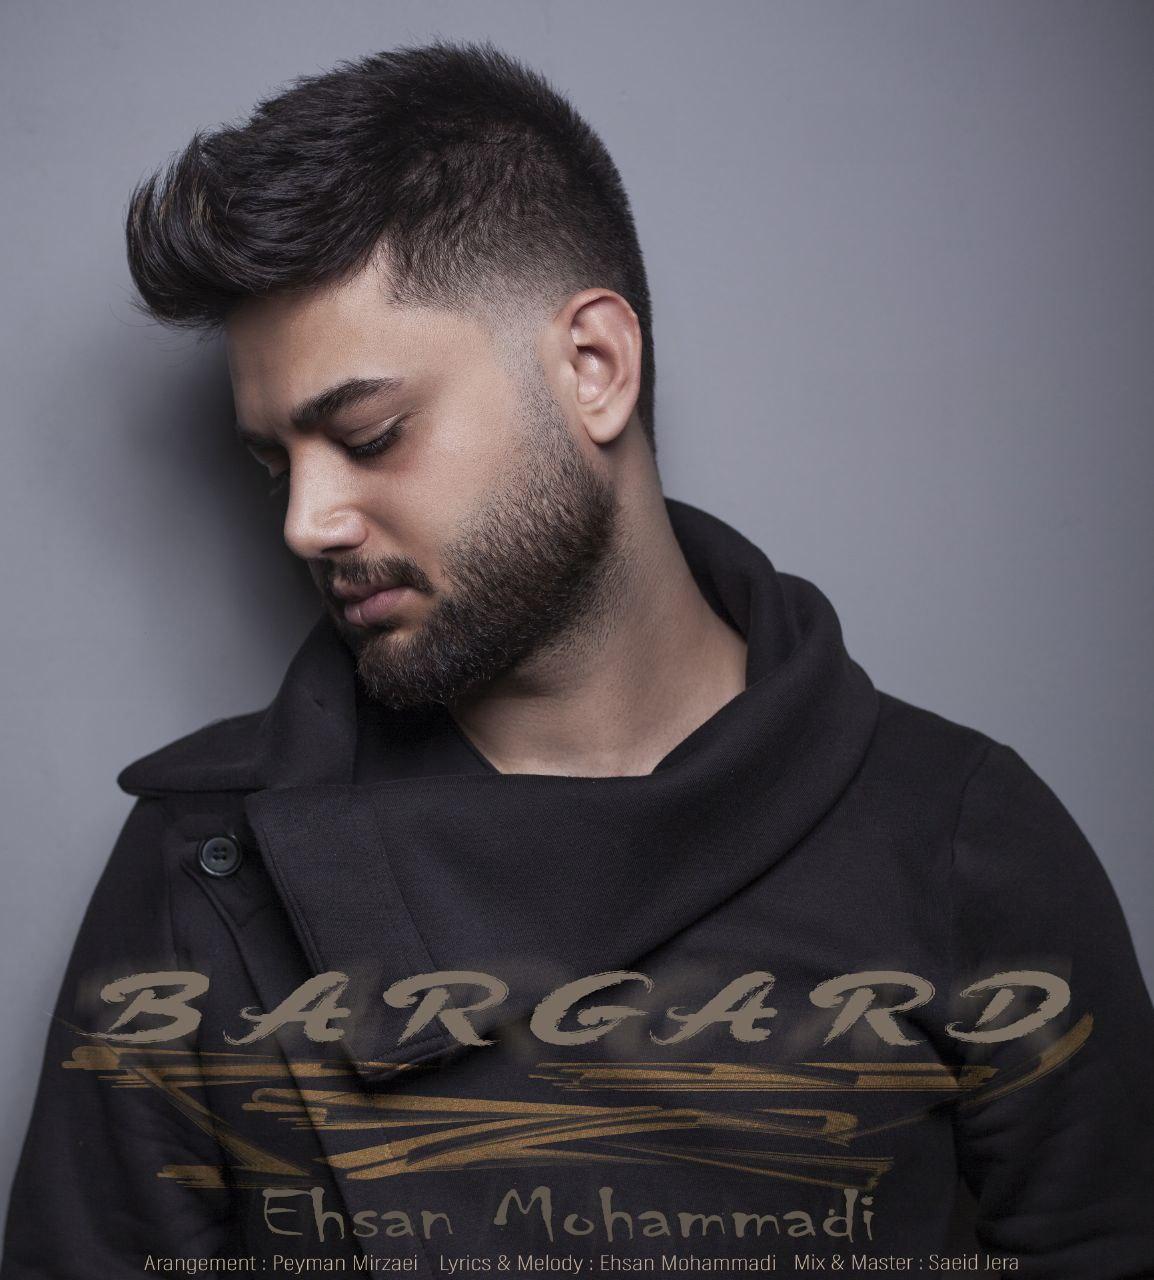 Ehsan Mohammadi – Bargard